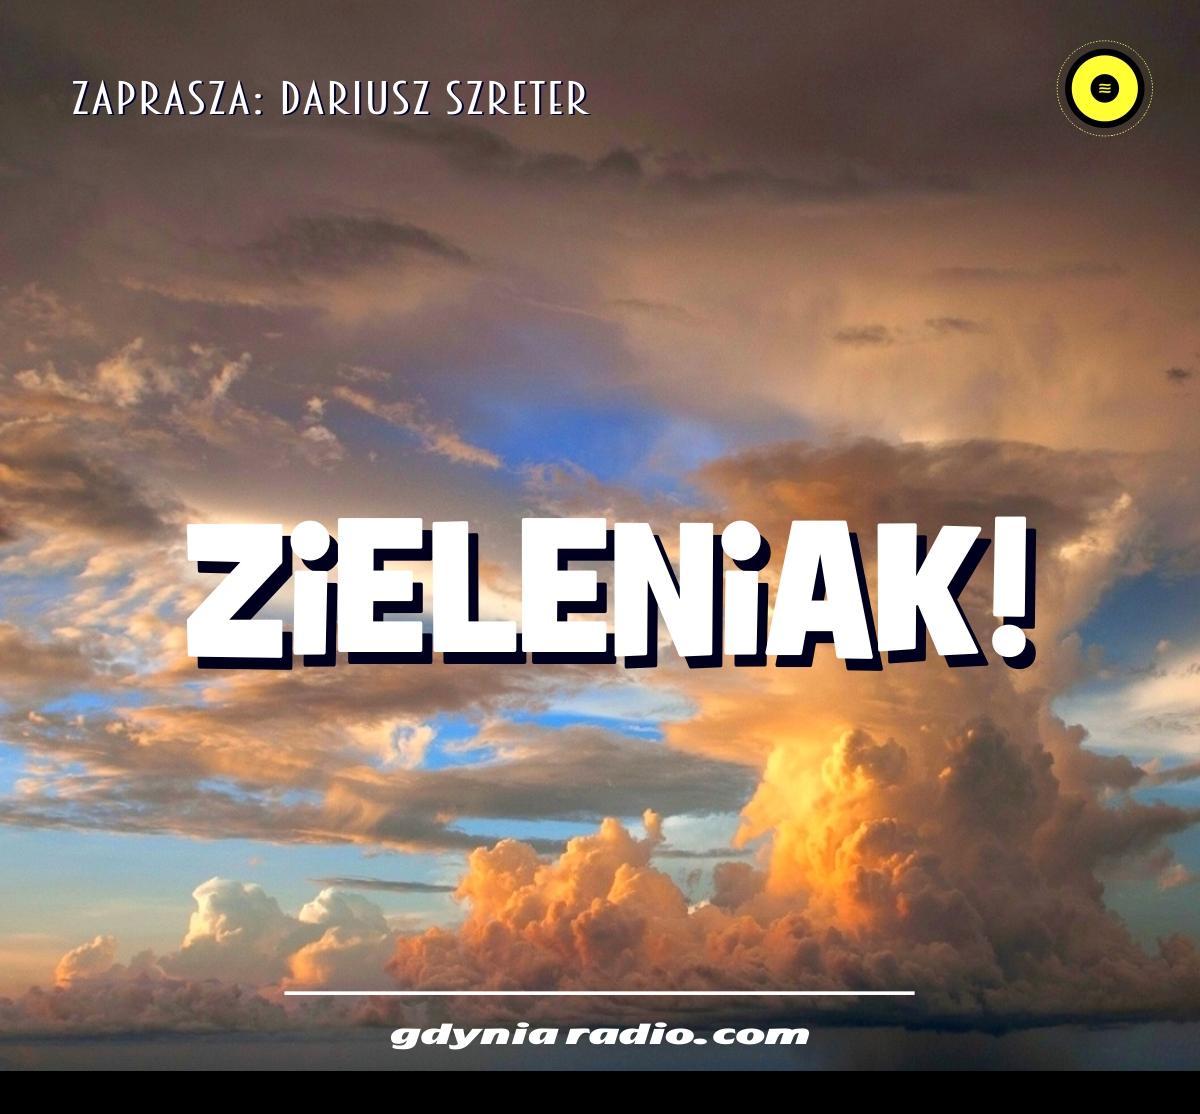 Gdynia Radio -2021- Zieleniak - Dariusz Szreter